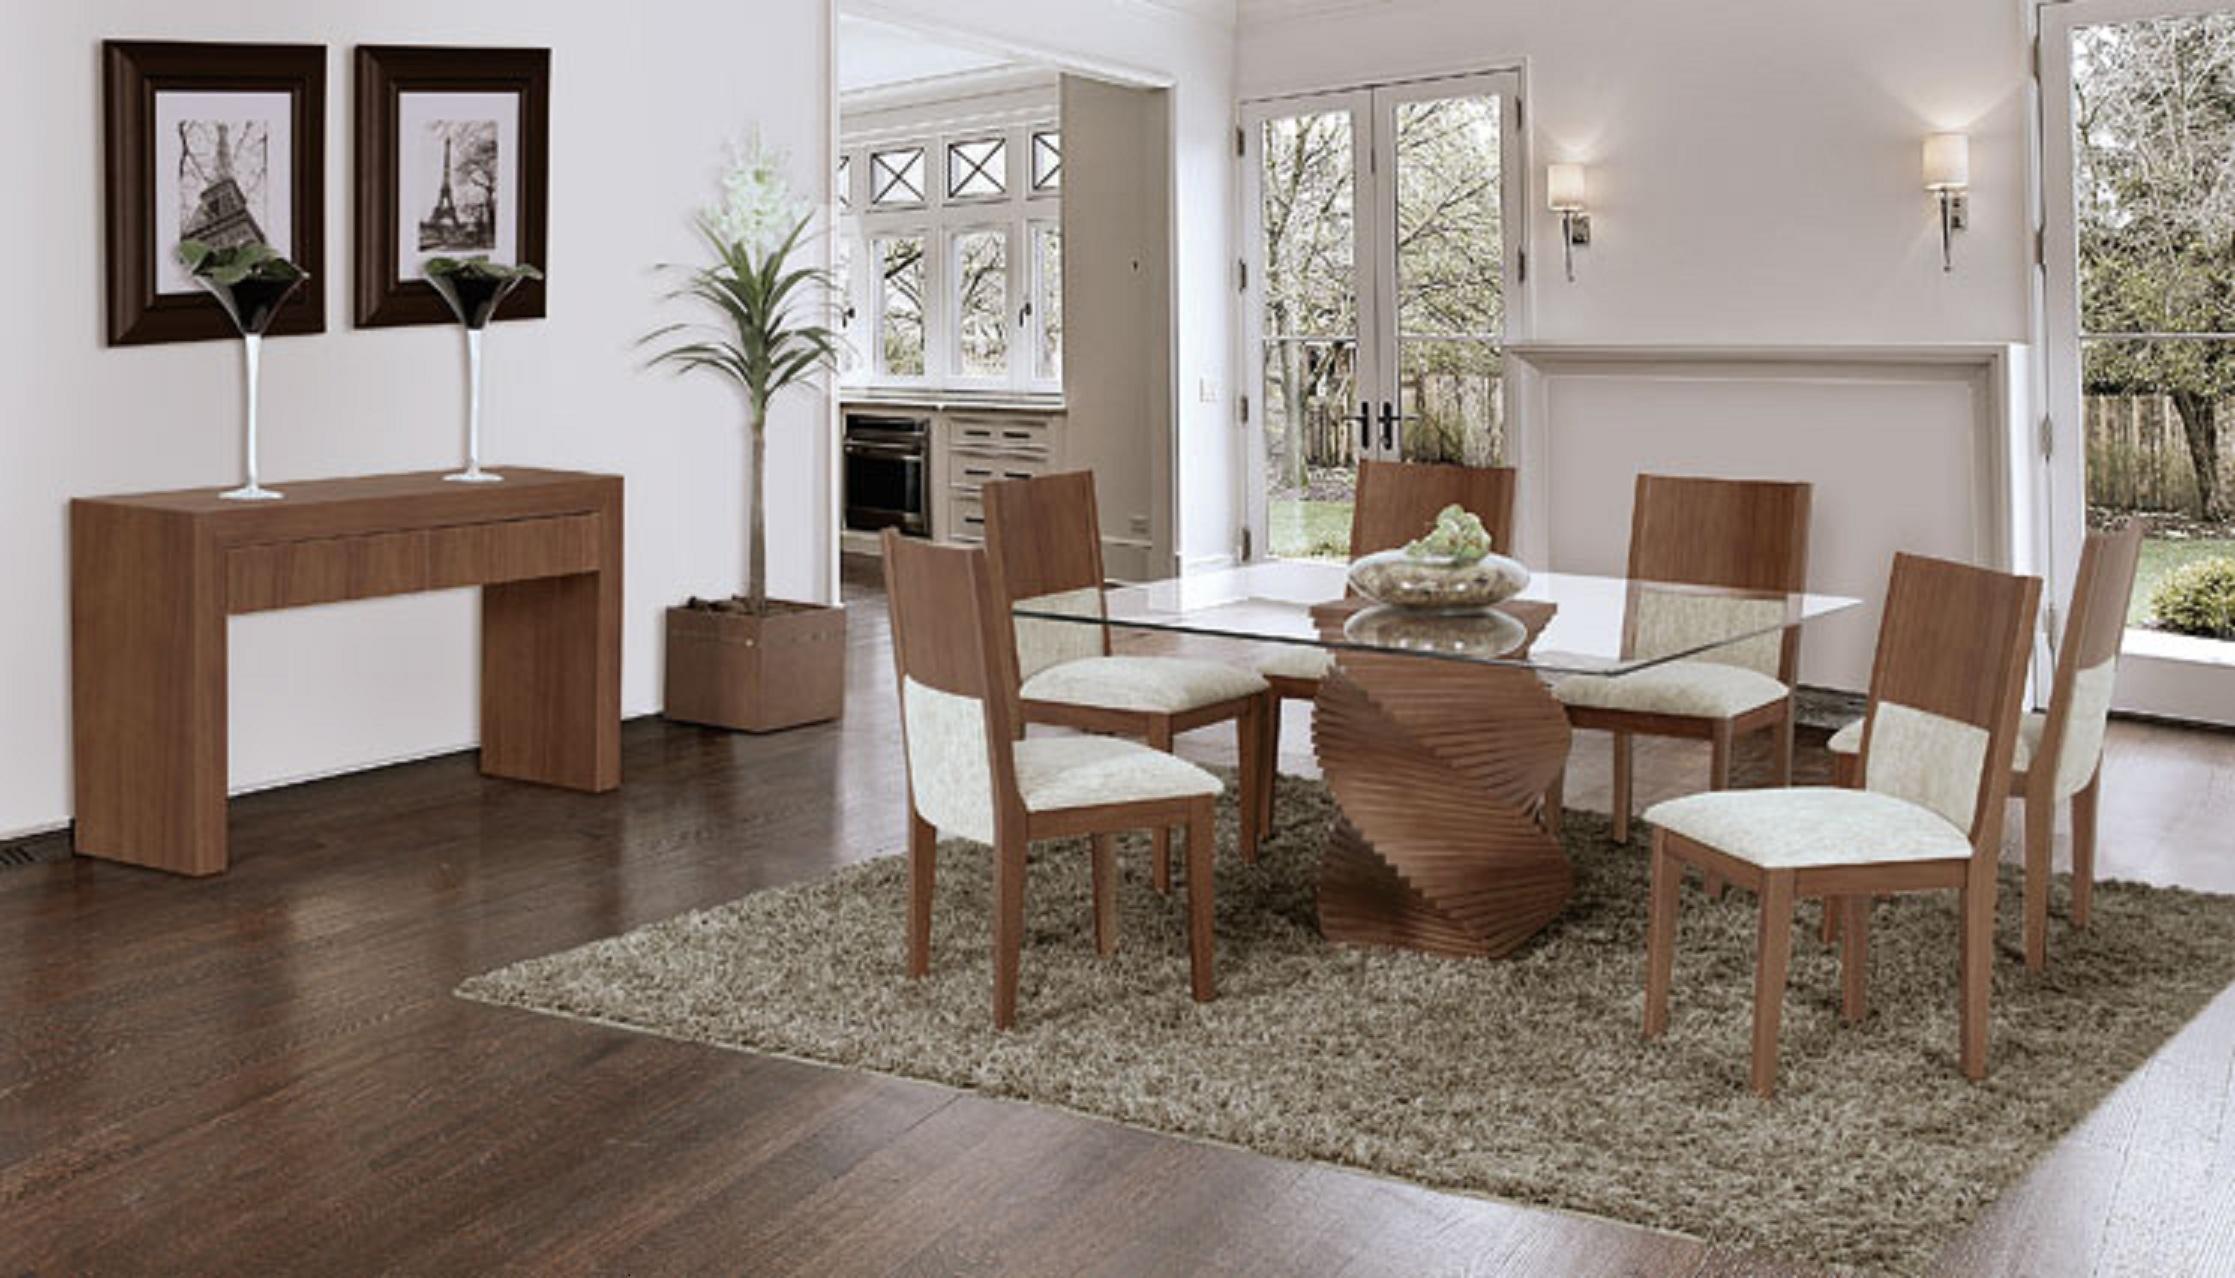 Conjunto de sala de jantar são várias peças Moda e ConfortoModa  #3D2F23 2235x1278